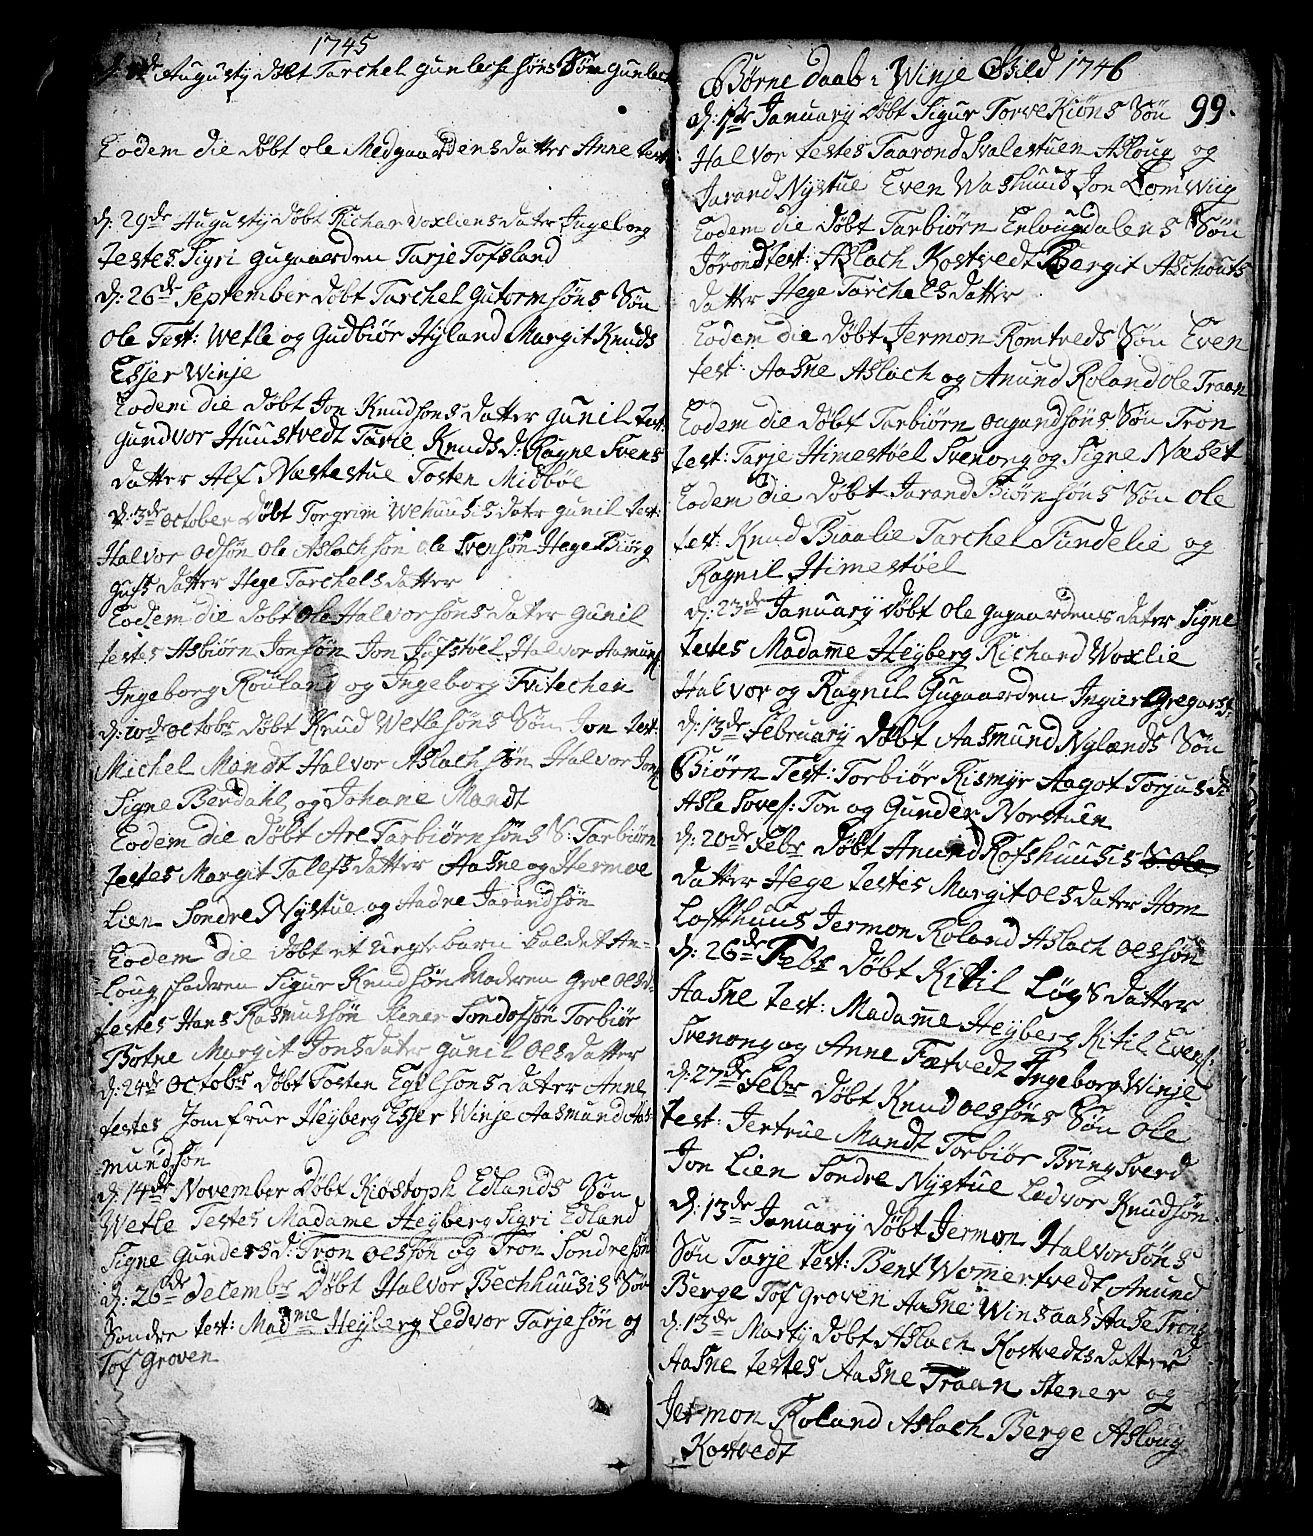 SAKO, Vinje kirkebøker, F/Fa/L0001: Ministerialbok nr. I 1, 1717-1766, s. 99